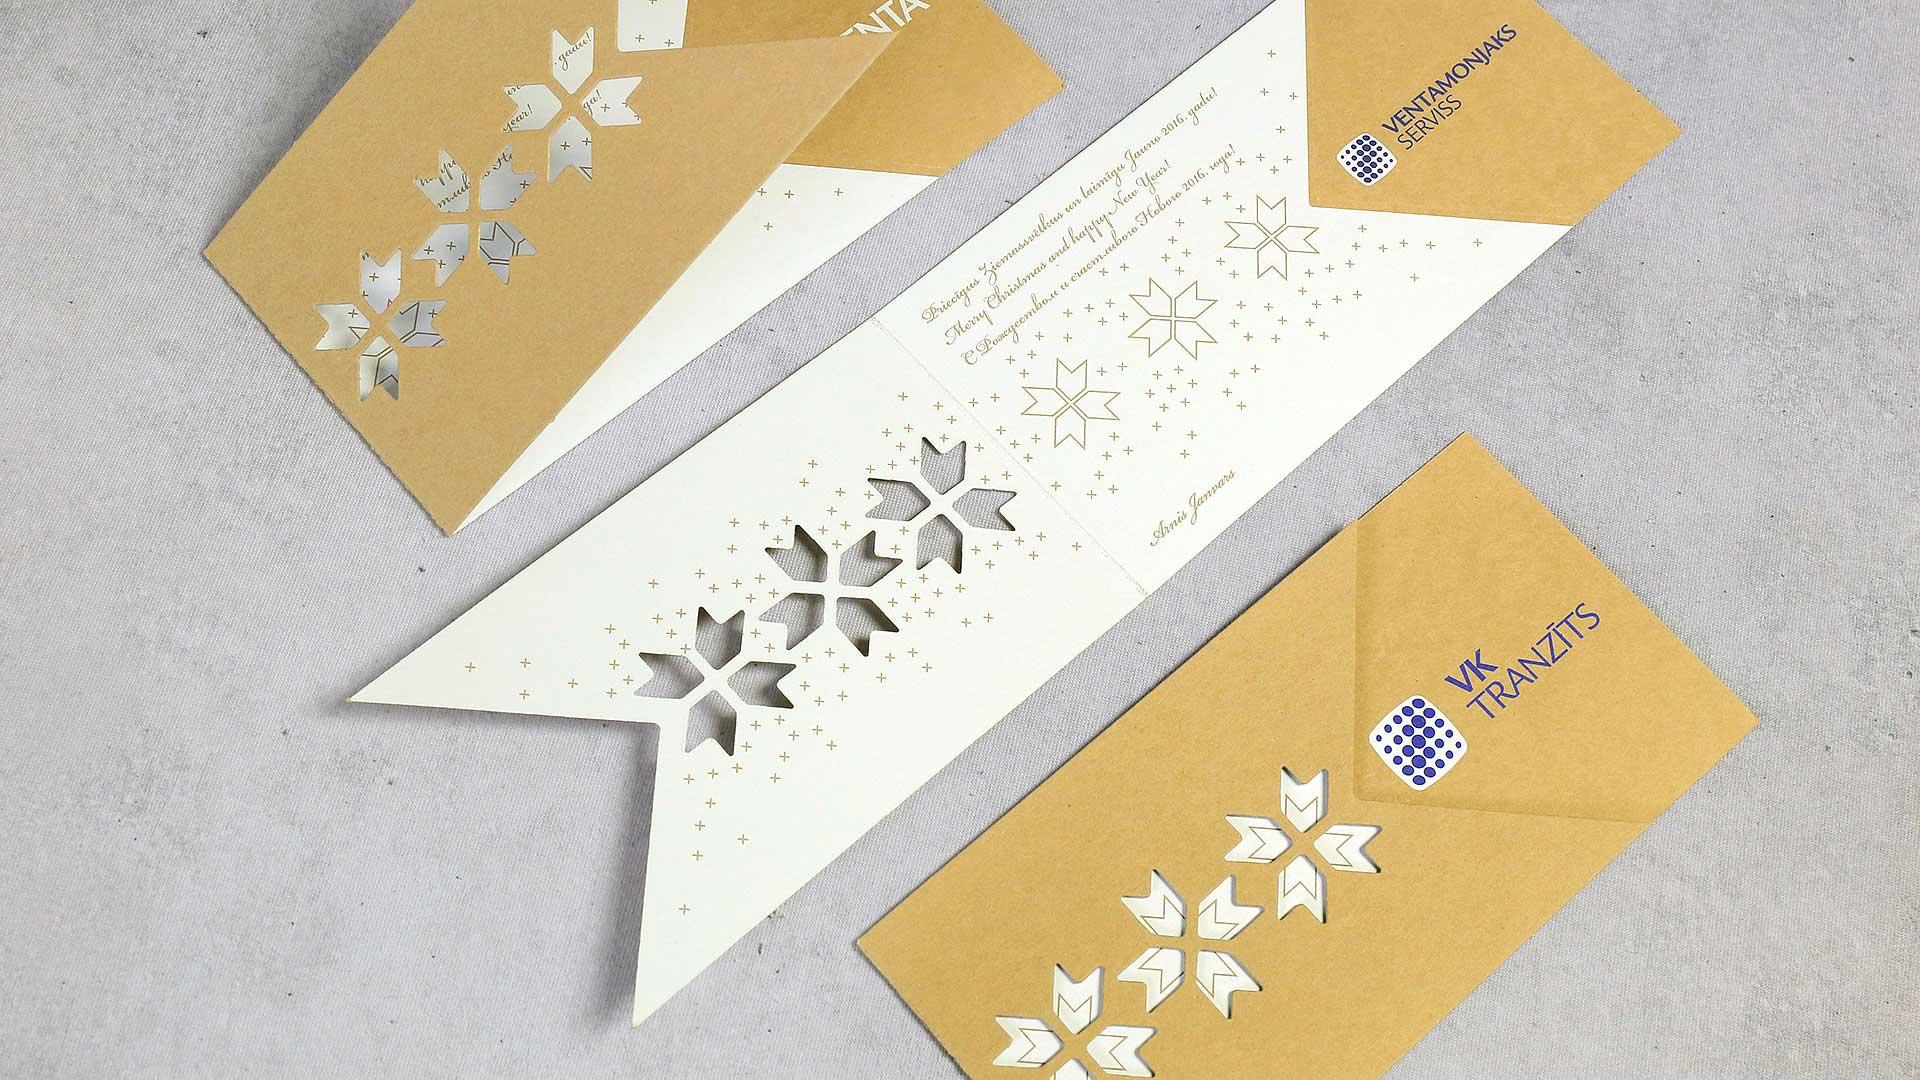 ZIemassvētku kartiņu druka, izgatavošana VK tranzīts